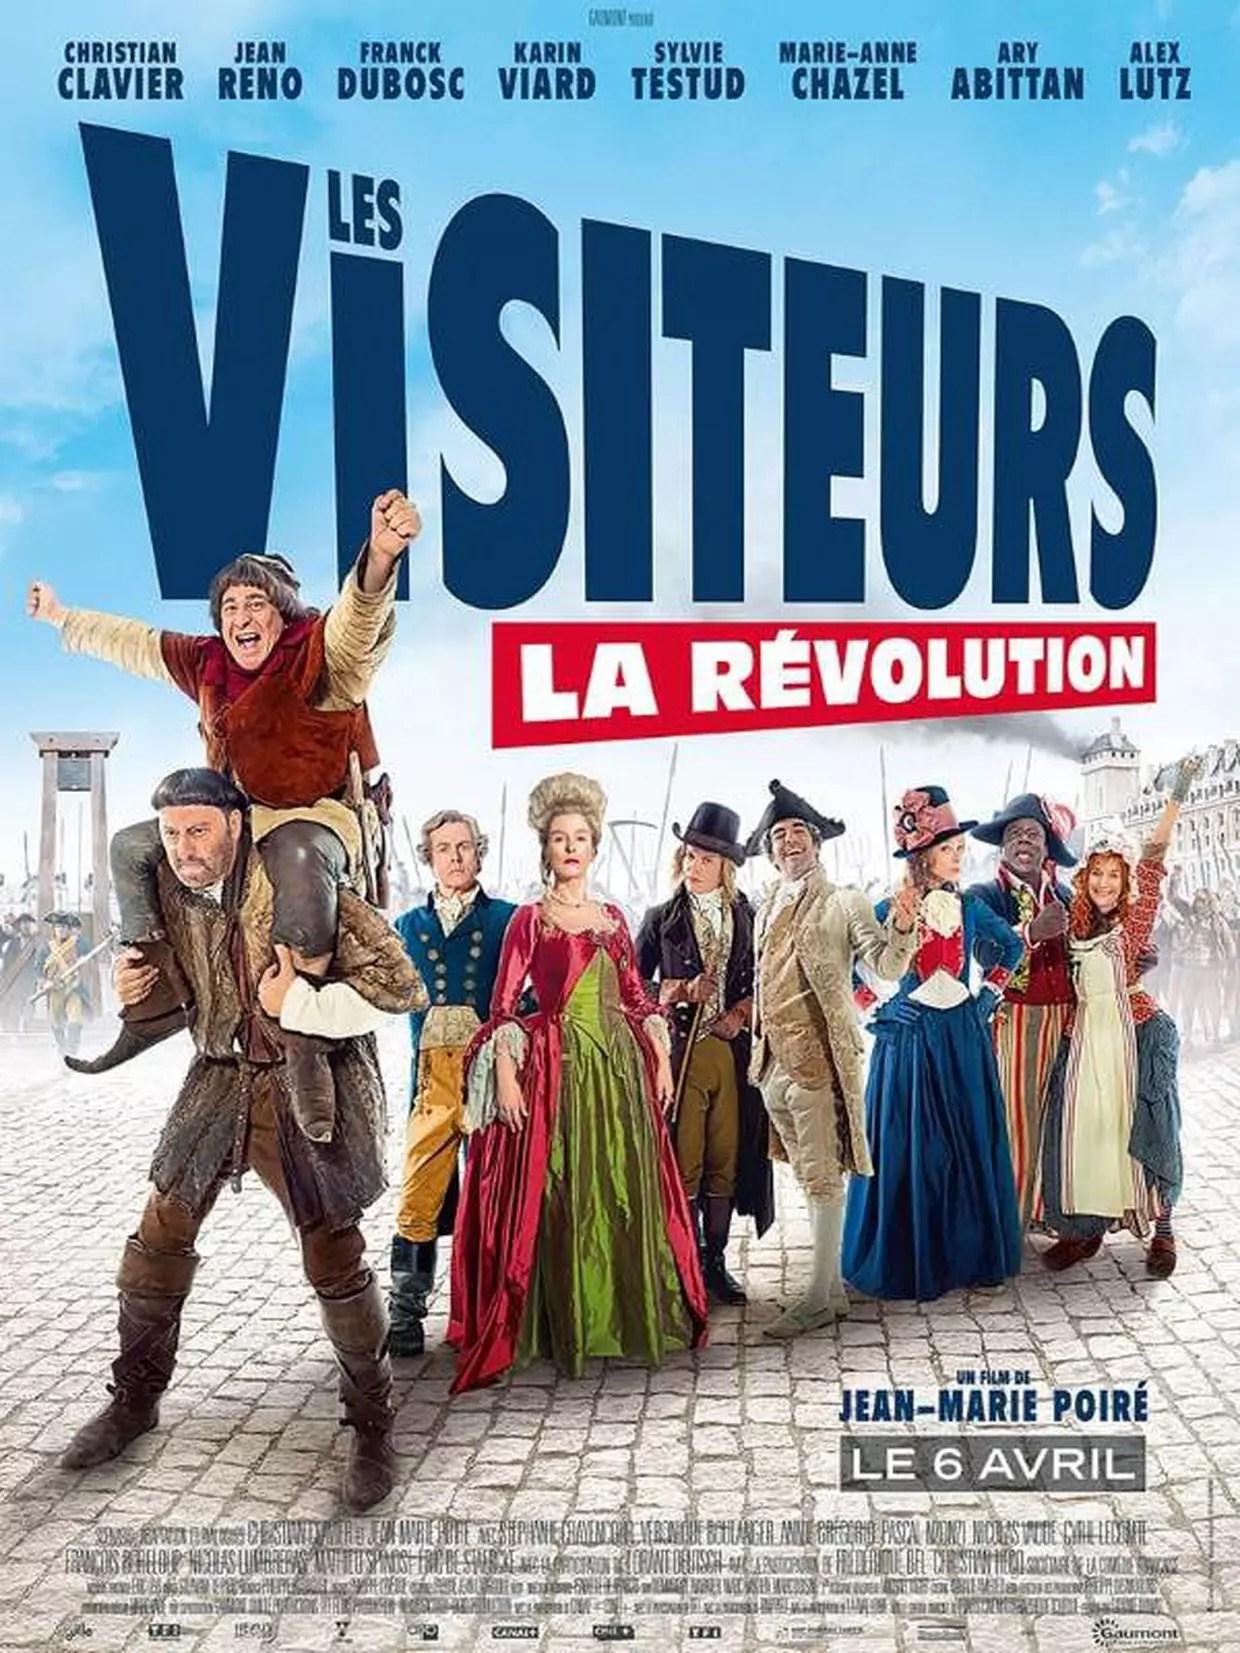 Les Visiteurs 3 Streaming Vf : visiteurs, streaming, Visiteurs, Révolution, Sortie,, Streaming,, Bande-annonce,, Avis,, Séances..., Bande, Annonce, Film,, Séances,